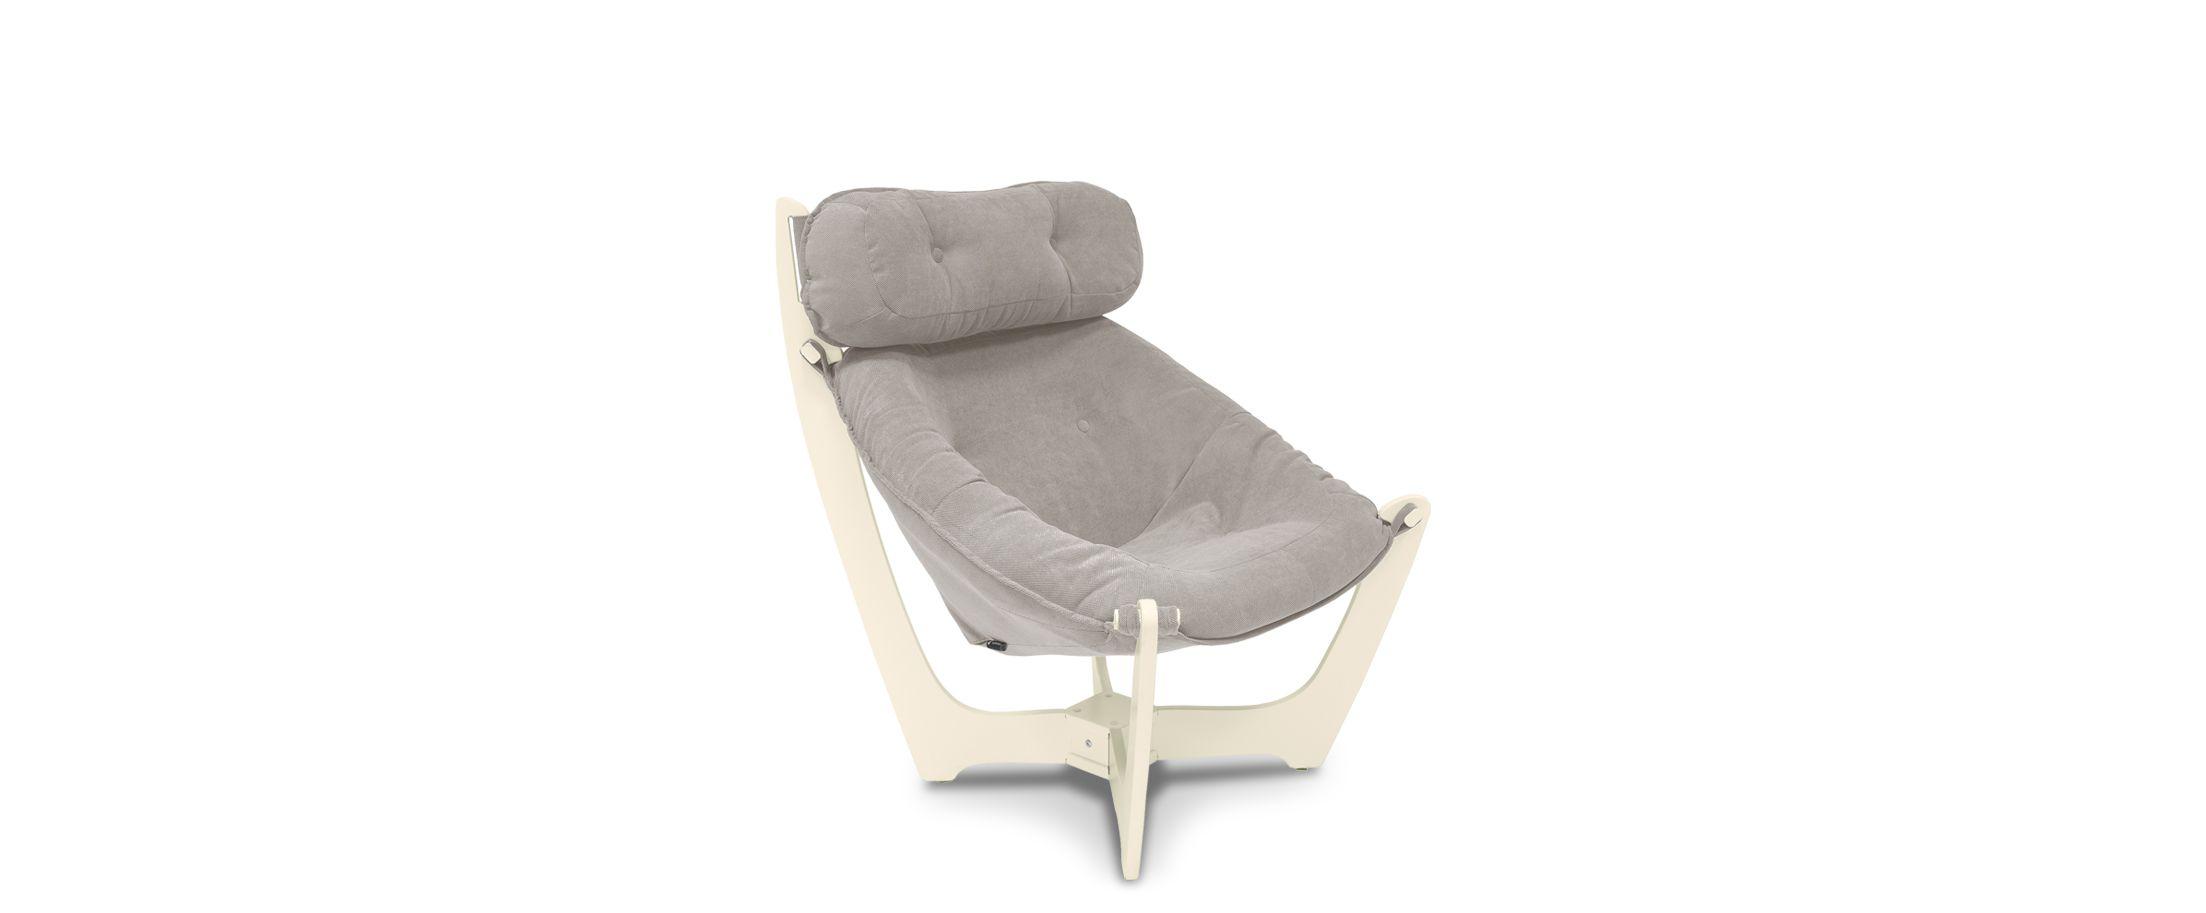 Кресло для отдыха 11Кресло для отдыха 11 светло-серого цвета Модель 364 артикул С000114<br>